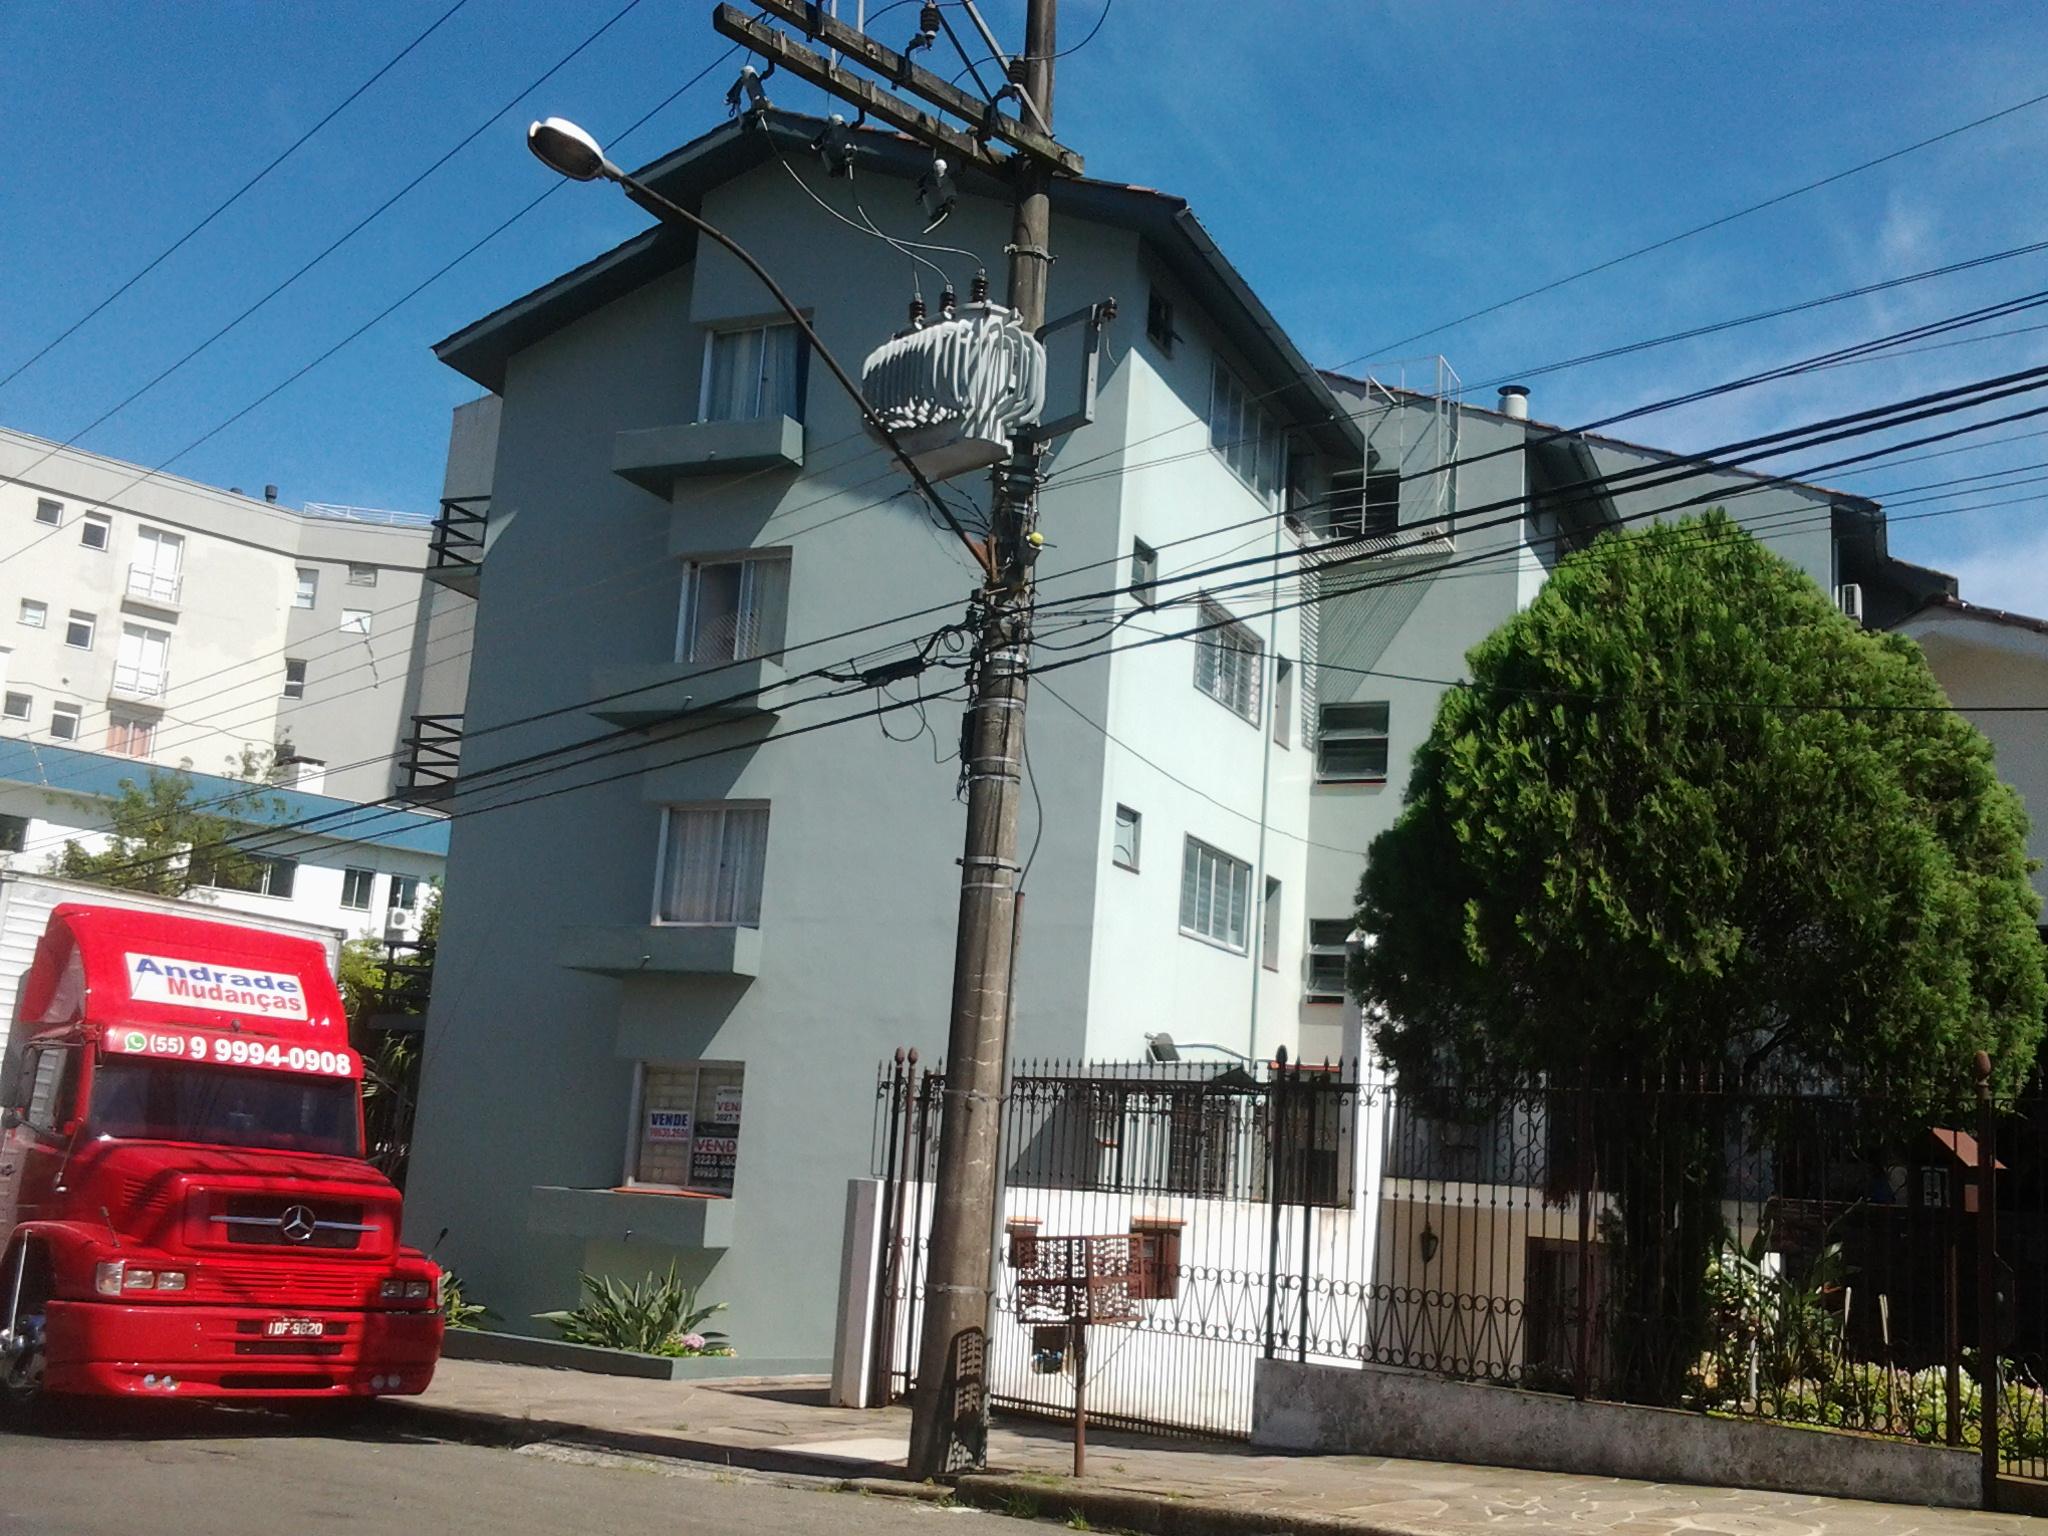 Apto 1 quarto no bairro MENINO JESUS em SANTA MARIA/RS - Loja Imobiliária o seu portal de imóveis para alugar, aluguel e locação